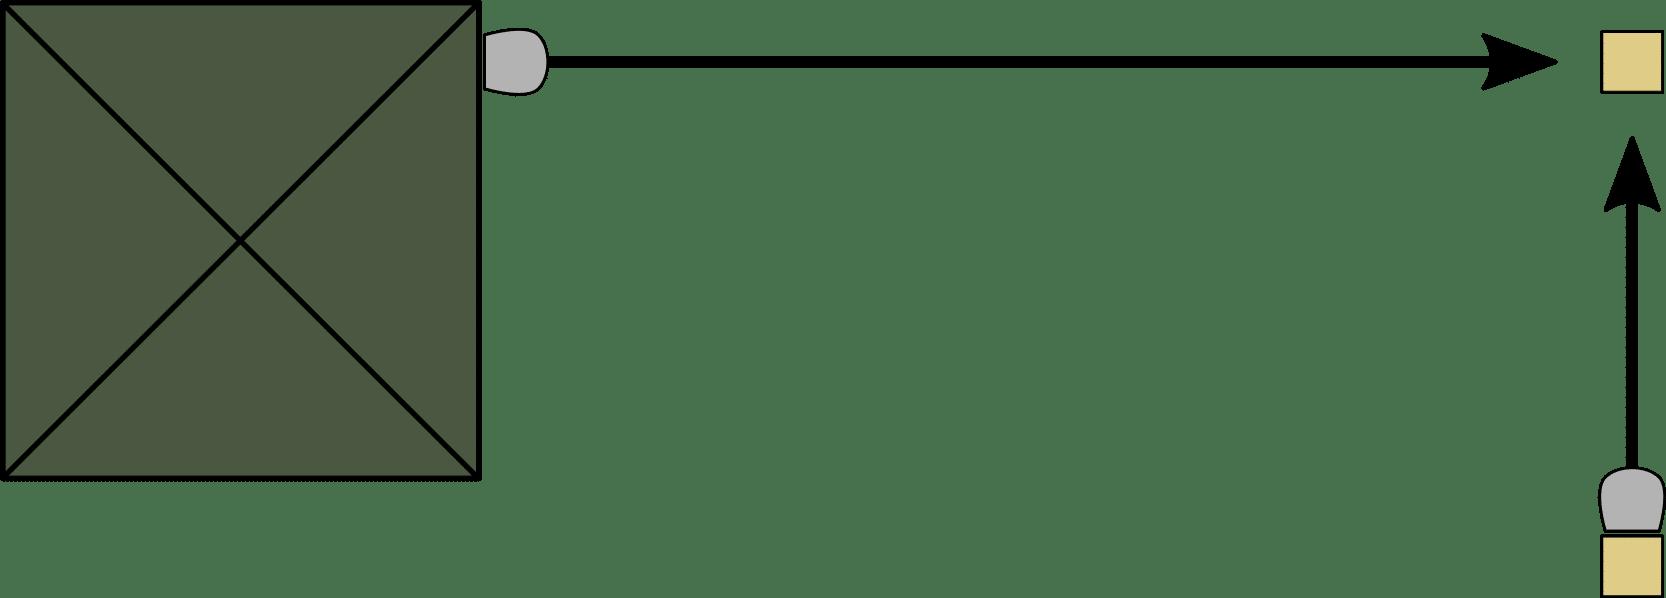 Seitenmarkise Eck-Lösung - Montage aus zwei